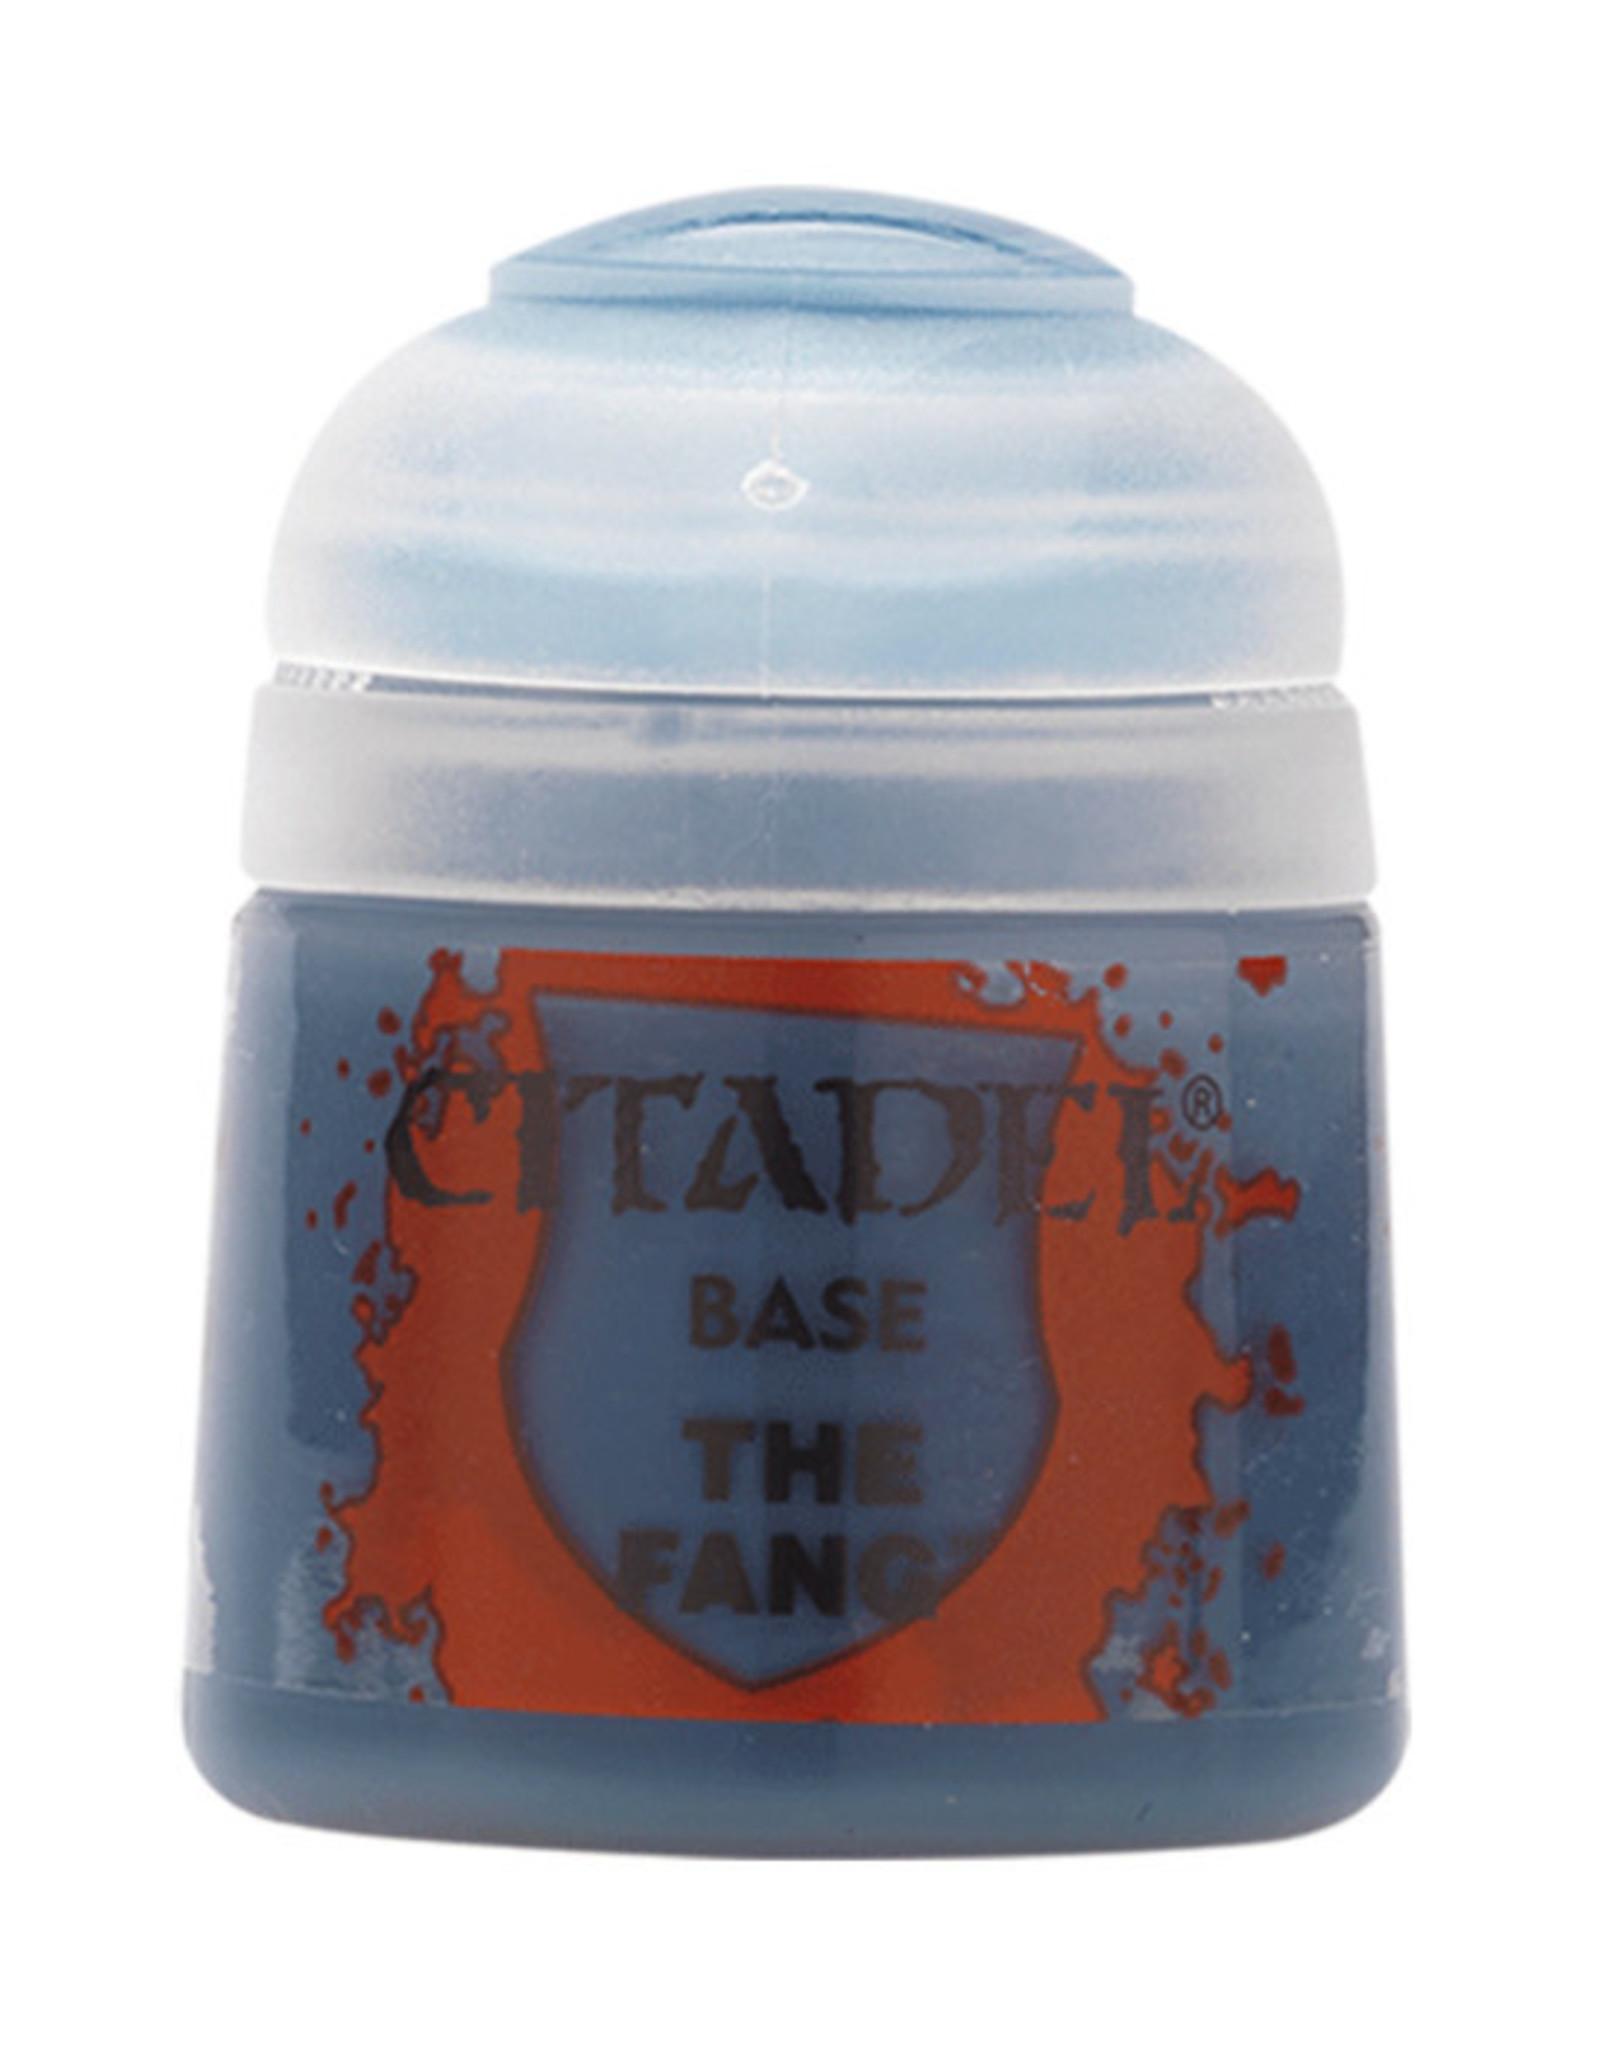 Citadel Citadel Colour: Base - The Fang